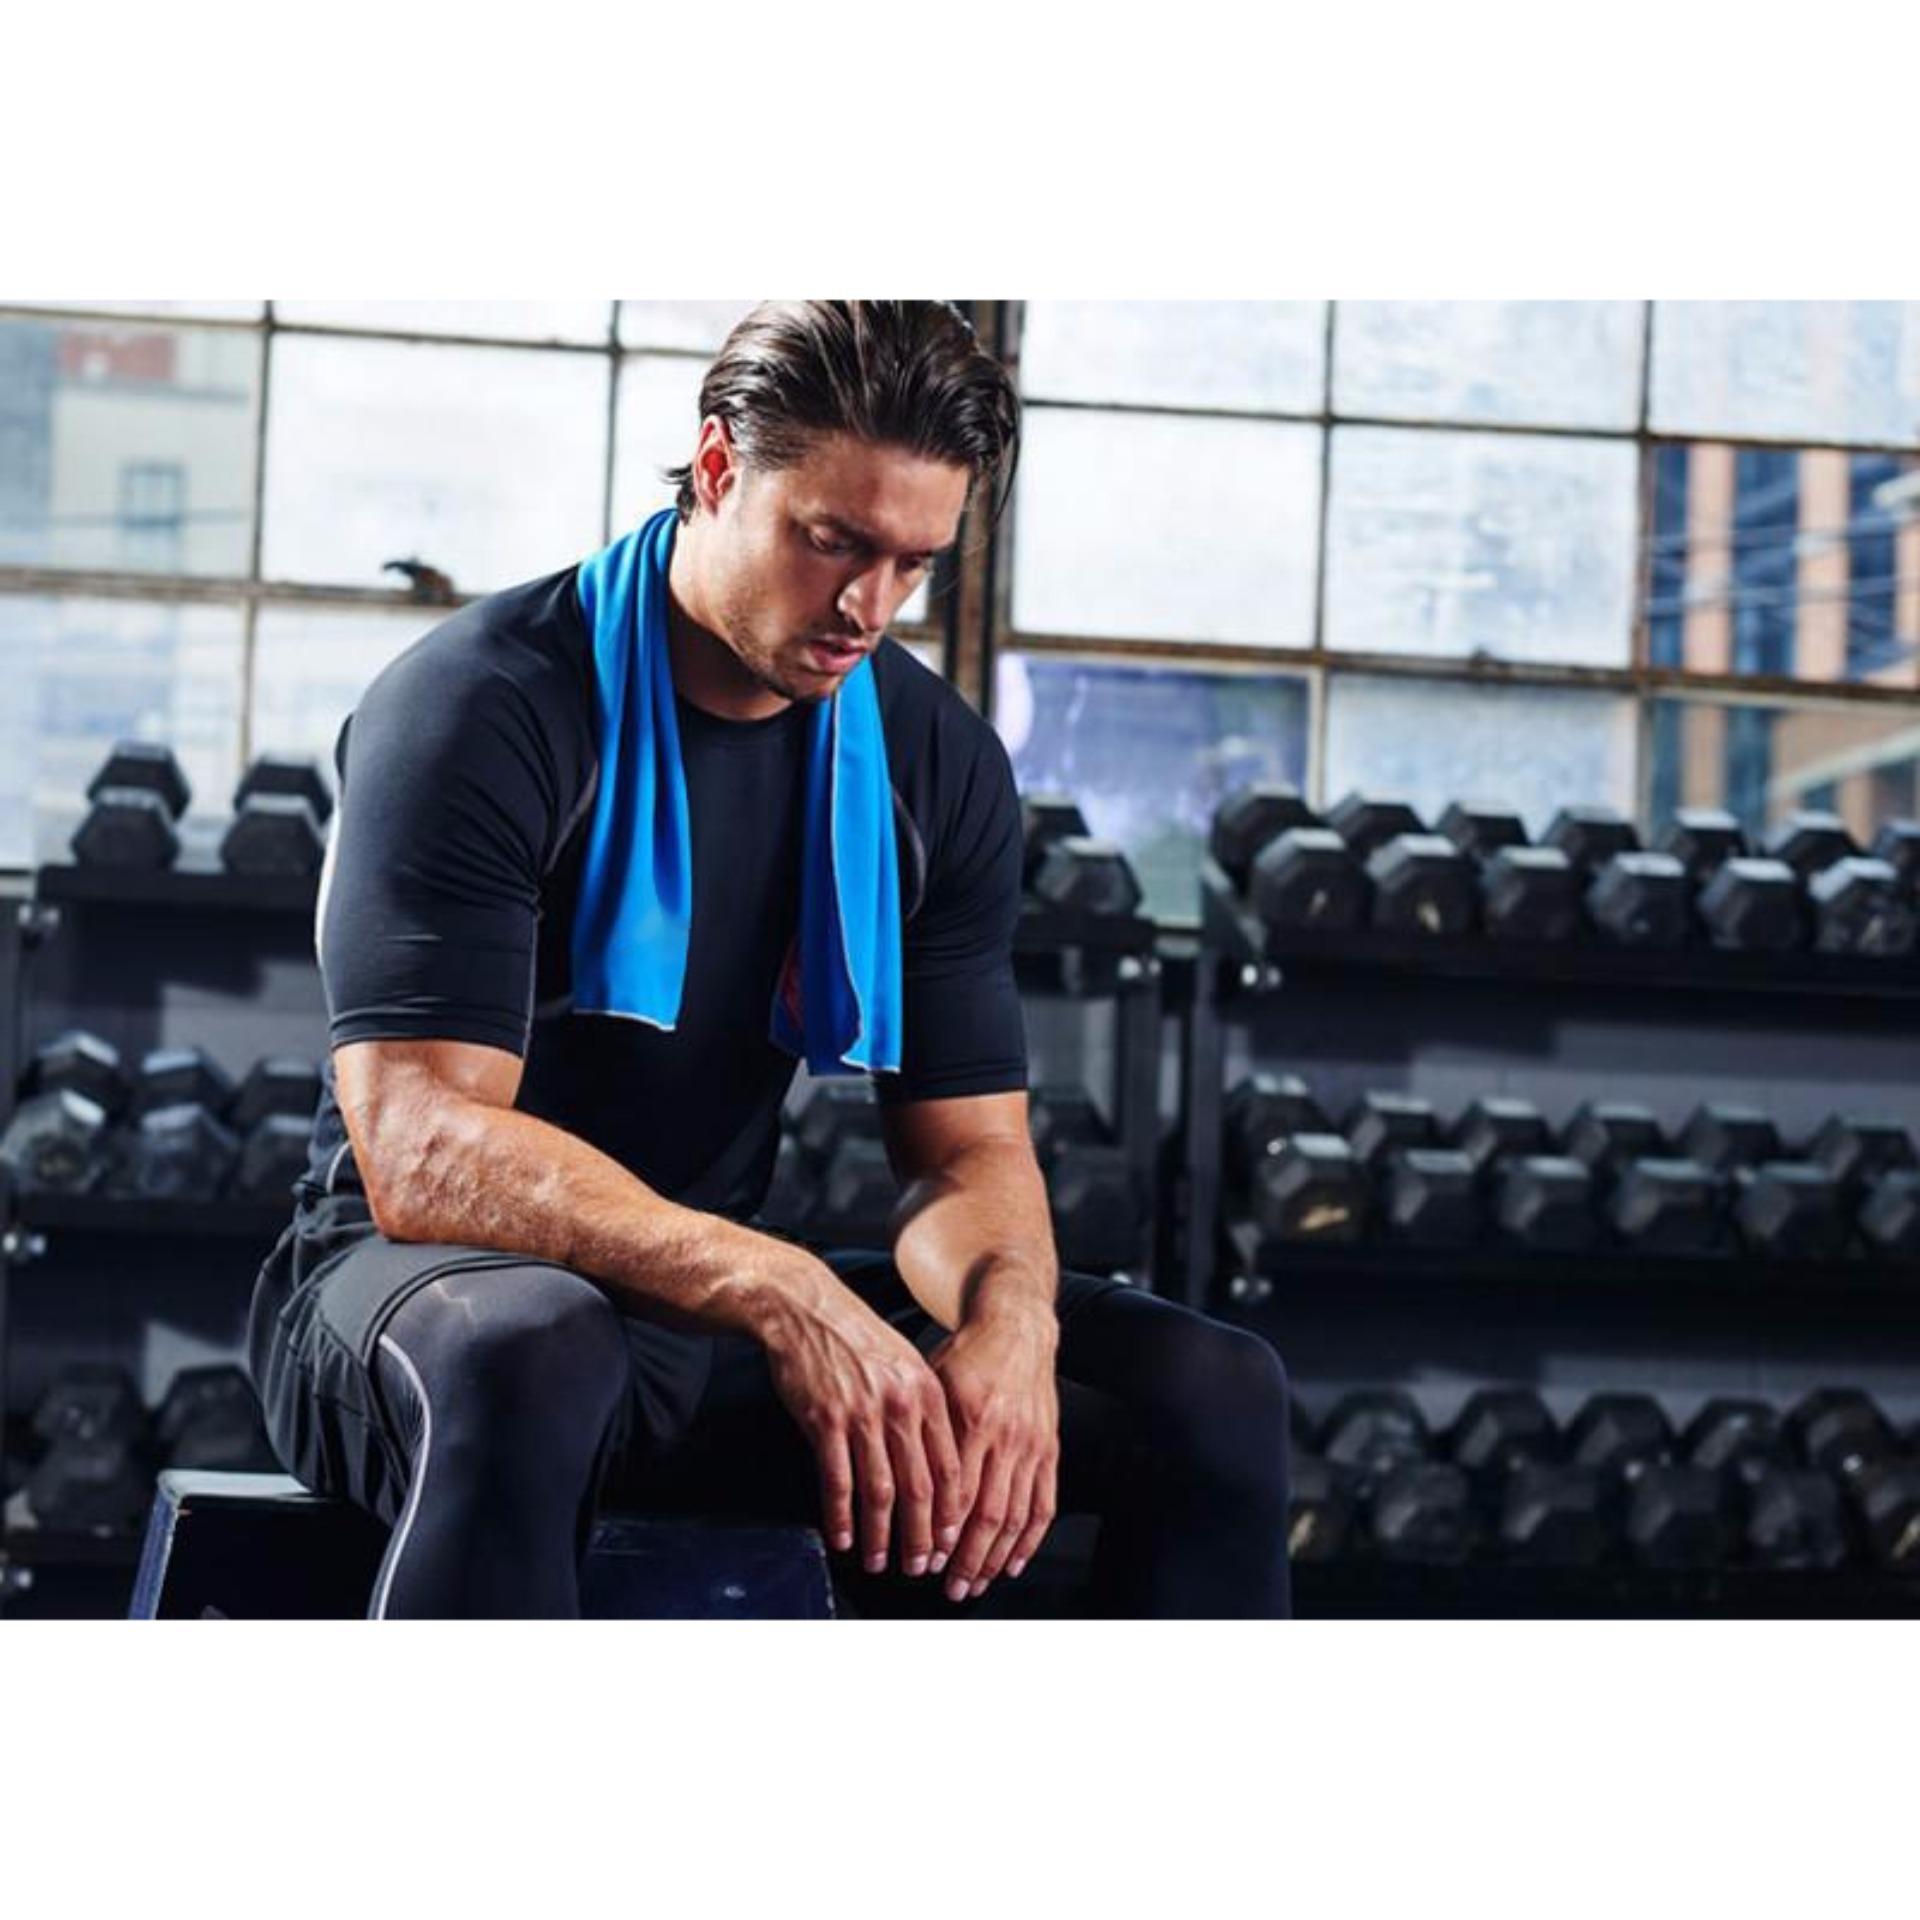 Khăn thể thao, khăn siêu mát, khăn lạnh thể thao gọn nhẹ Cooltime POPO Collection 18